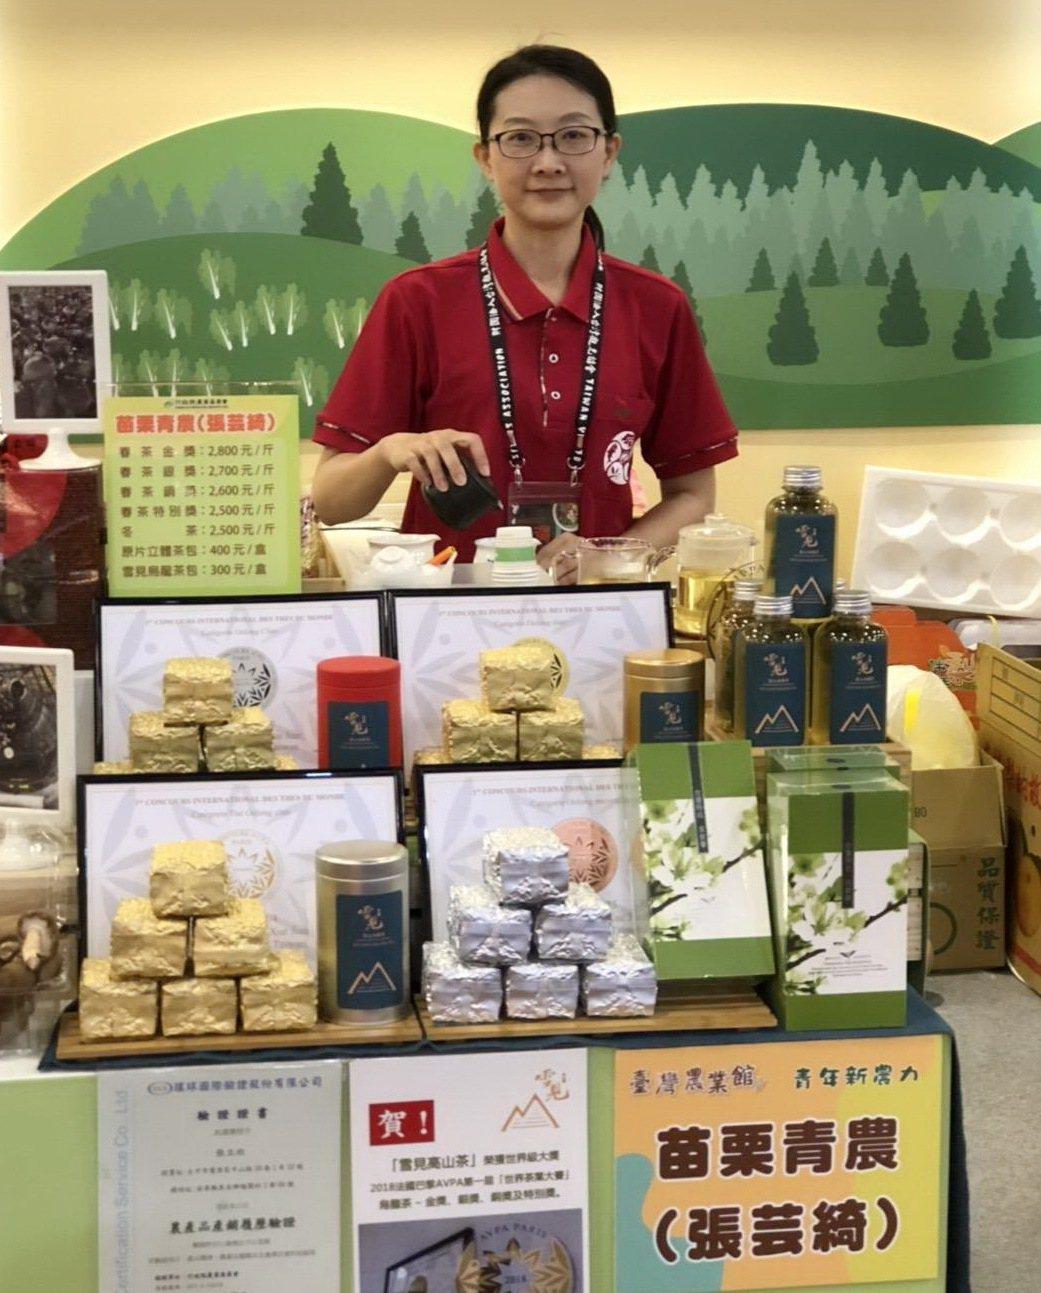 苗栗縣張芸綺在泰安鄉梅園村種植烏龍茶,自創「雪見高山茶」品牌。 業者/提供